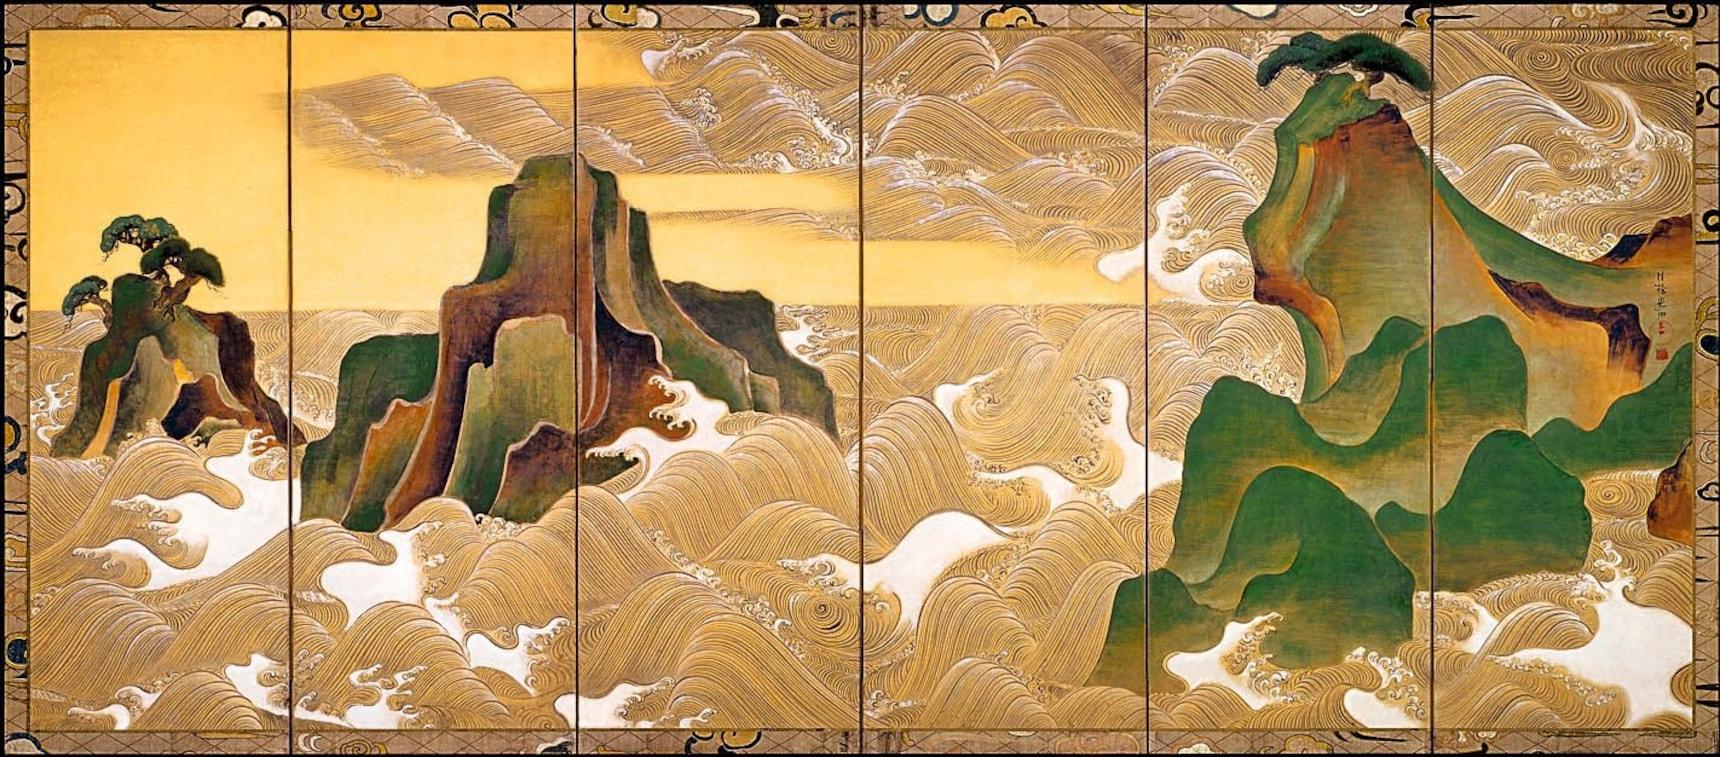 일본 상식: 장식화 파의 대가, 오가타 고린